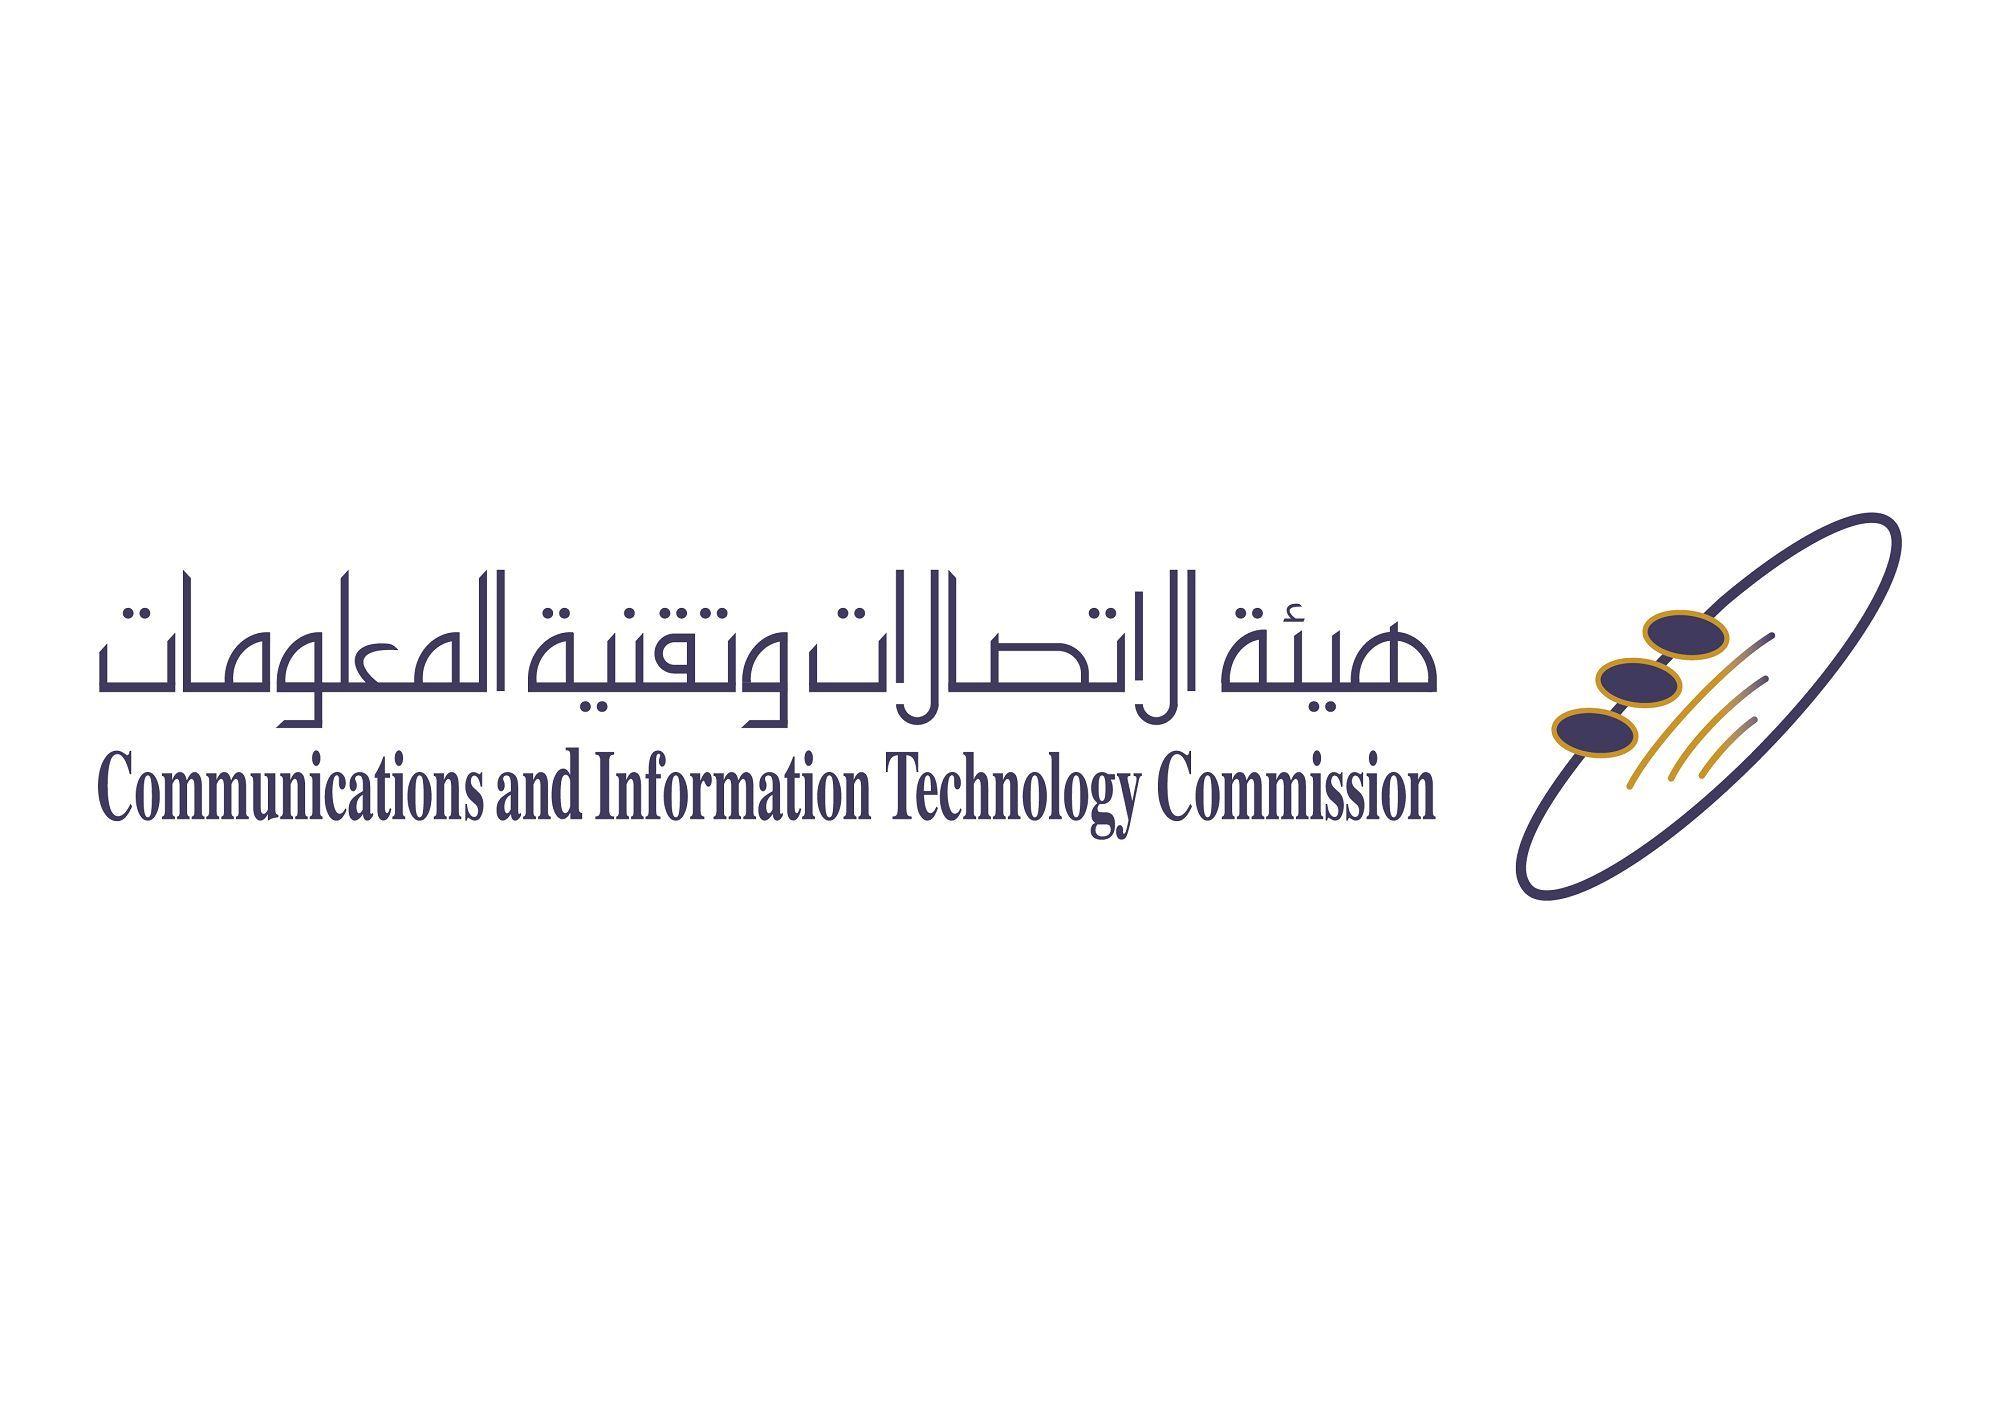 صحيفة سبق اعتماد هيئة الاتصالات كمقدم لخدمات التصديق الحكومي أخبار السعودية Information Technology Math Technology